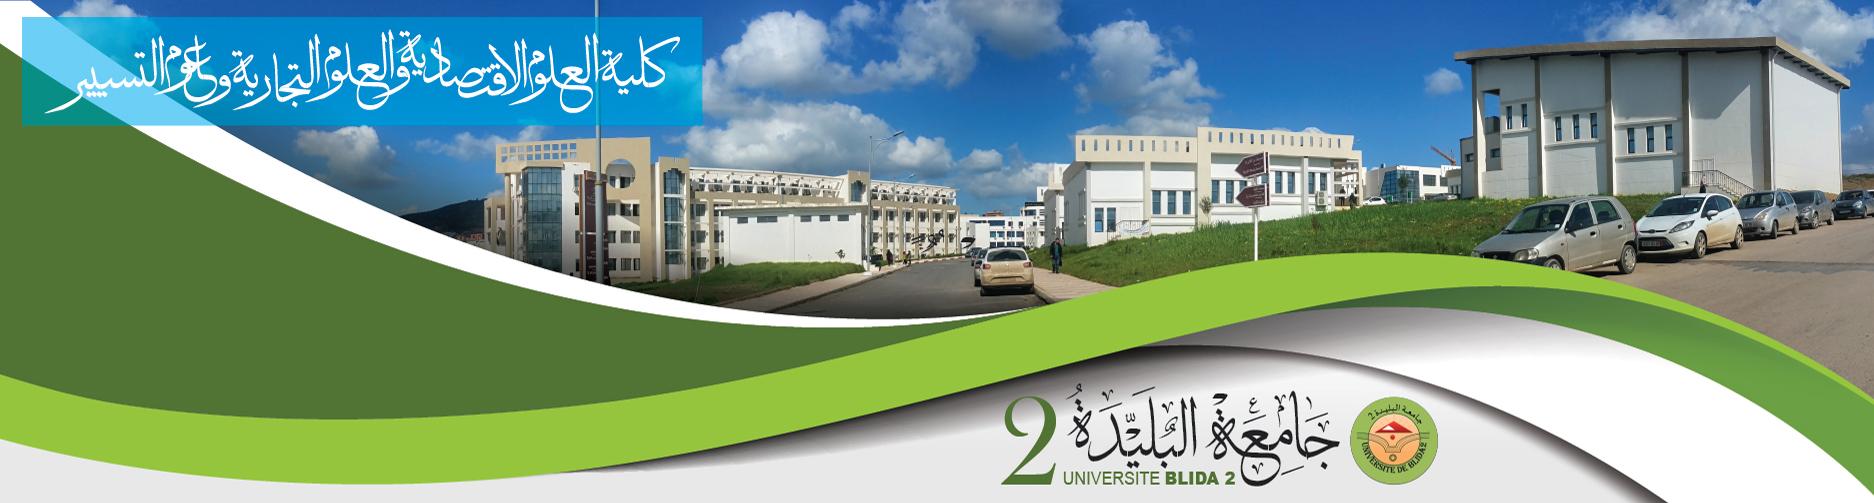 كلية العلوم الإقتصادية و التجارية و علوم التسيير